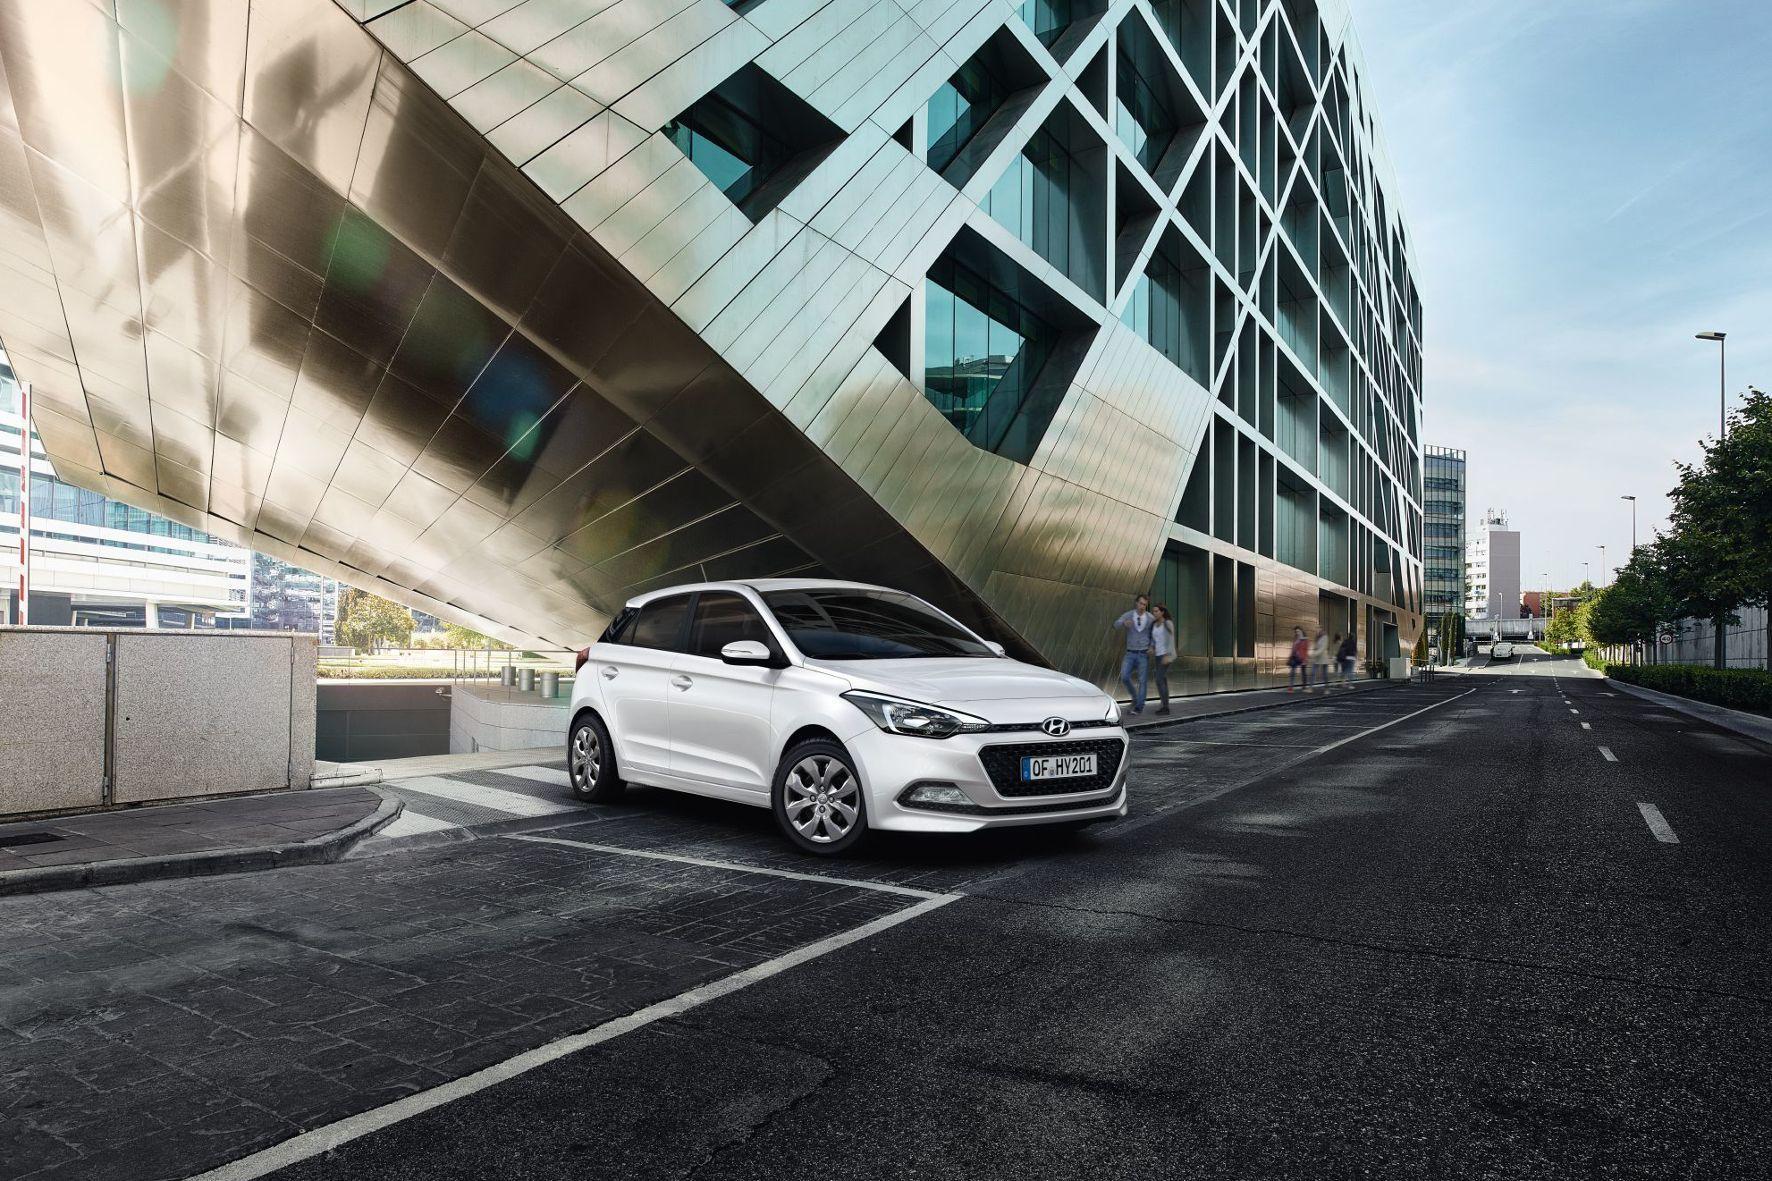 mid Groß-Gerau - Mit dem Sondermodell i20 GO bietet Hyundai seinen Kunden einen Preisvorteil von bis zu 3.960 Euro.